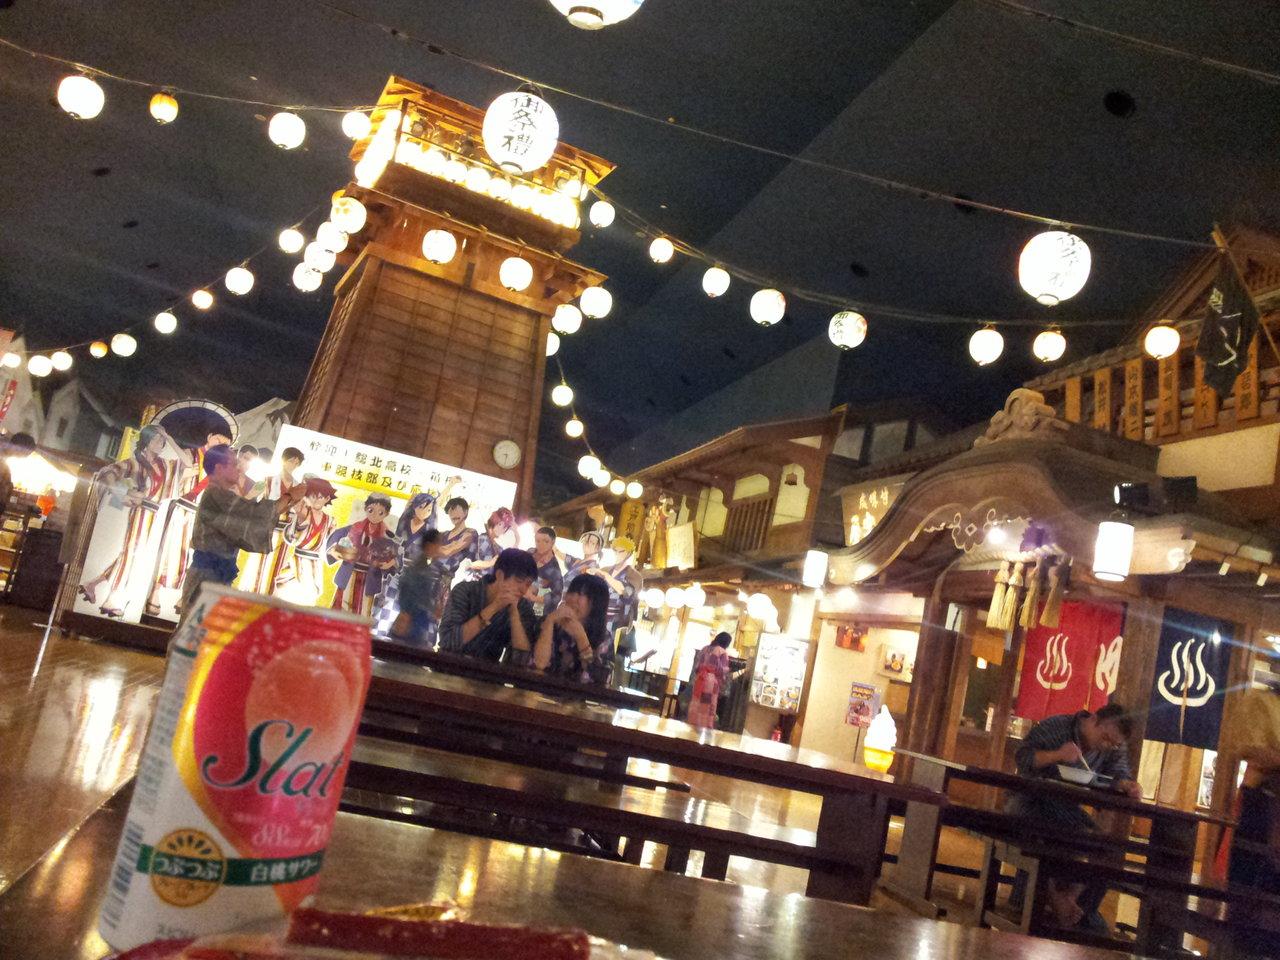 大江戸温泉物語で最安に飲む方法